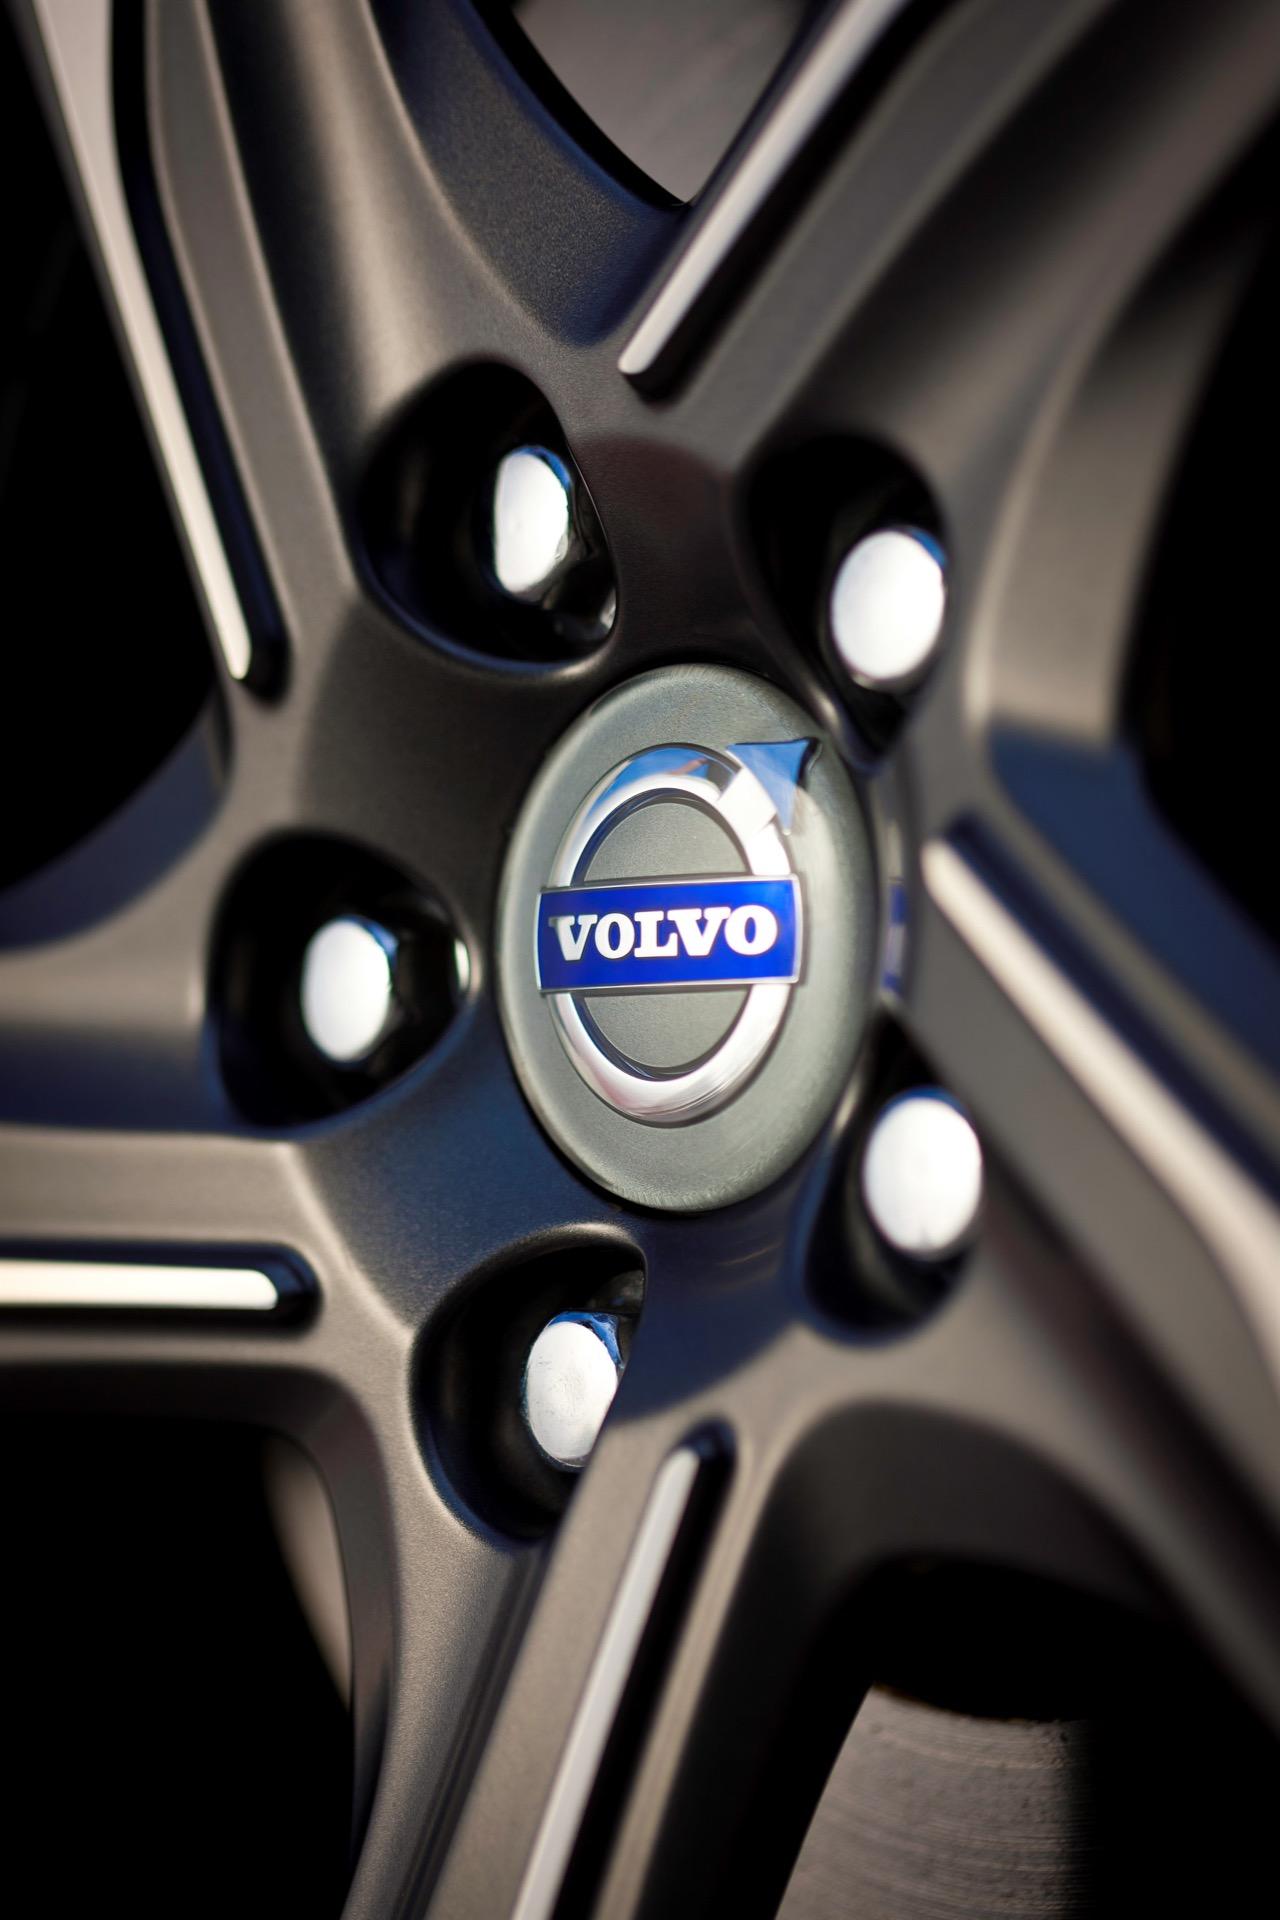 S60 R Design12 -  Volvo